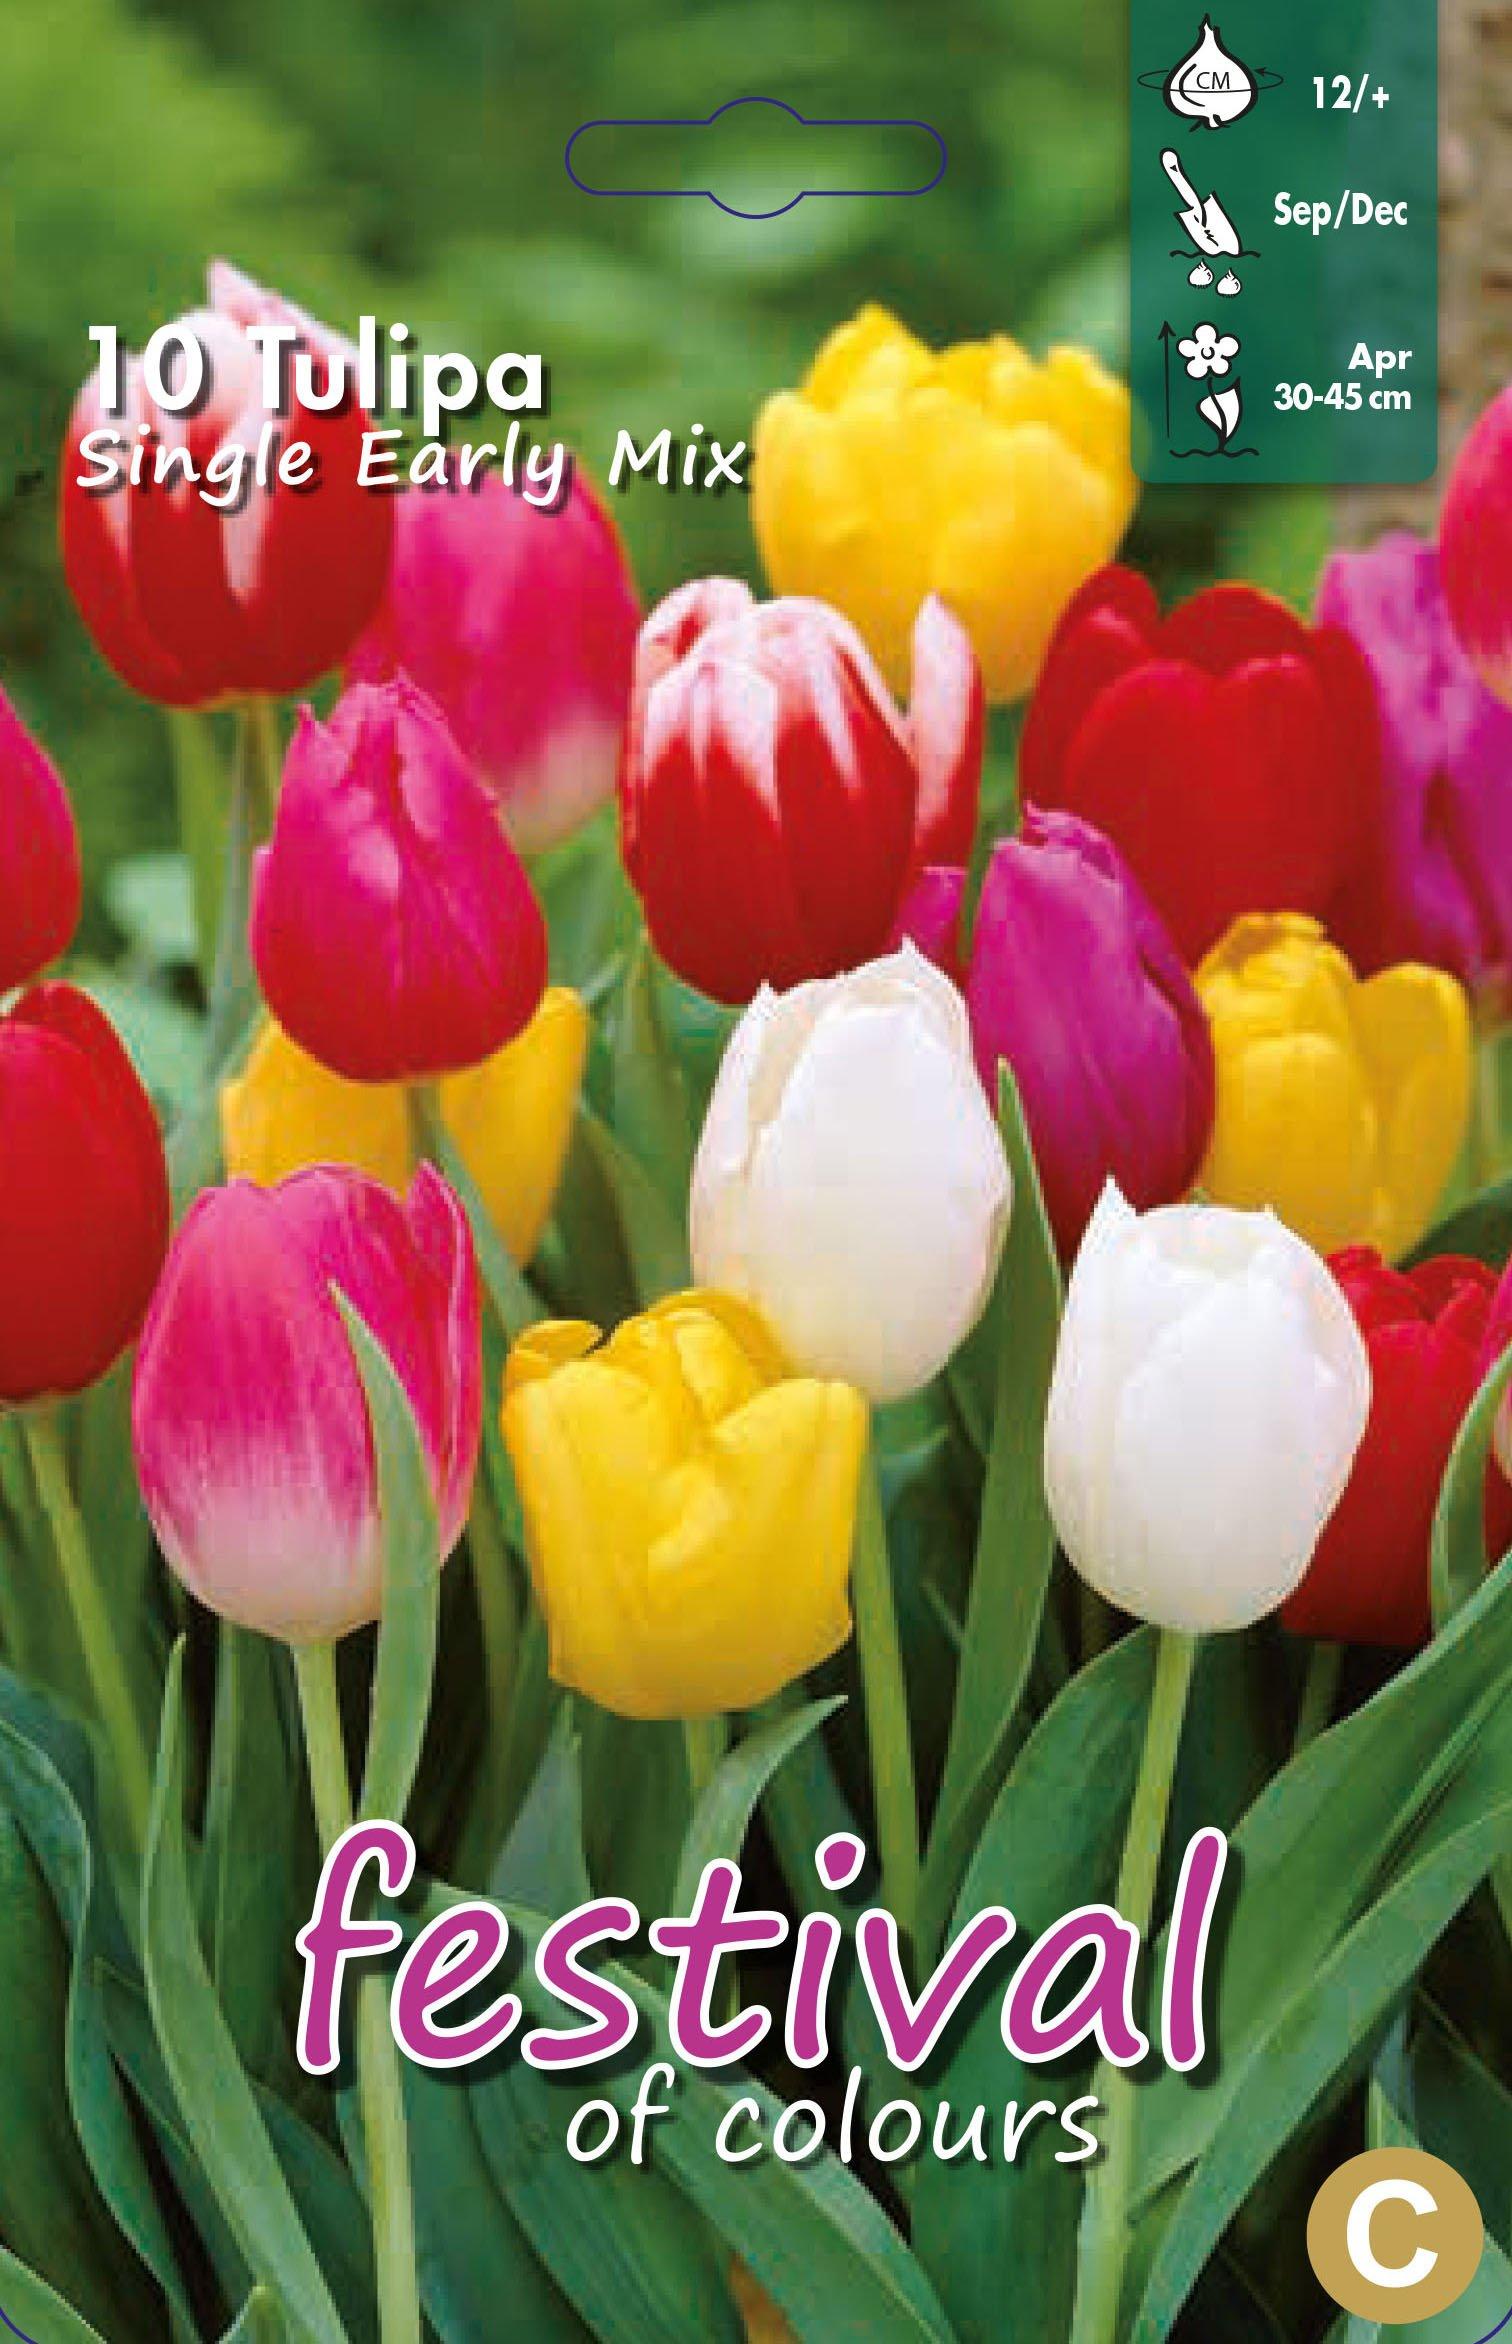 Tulipa Single Early Mix 10 stk